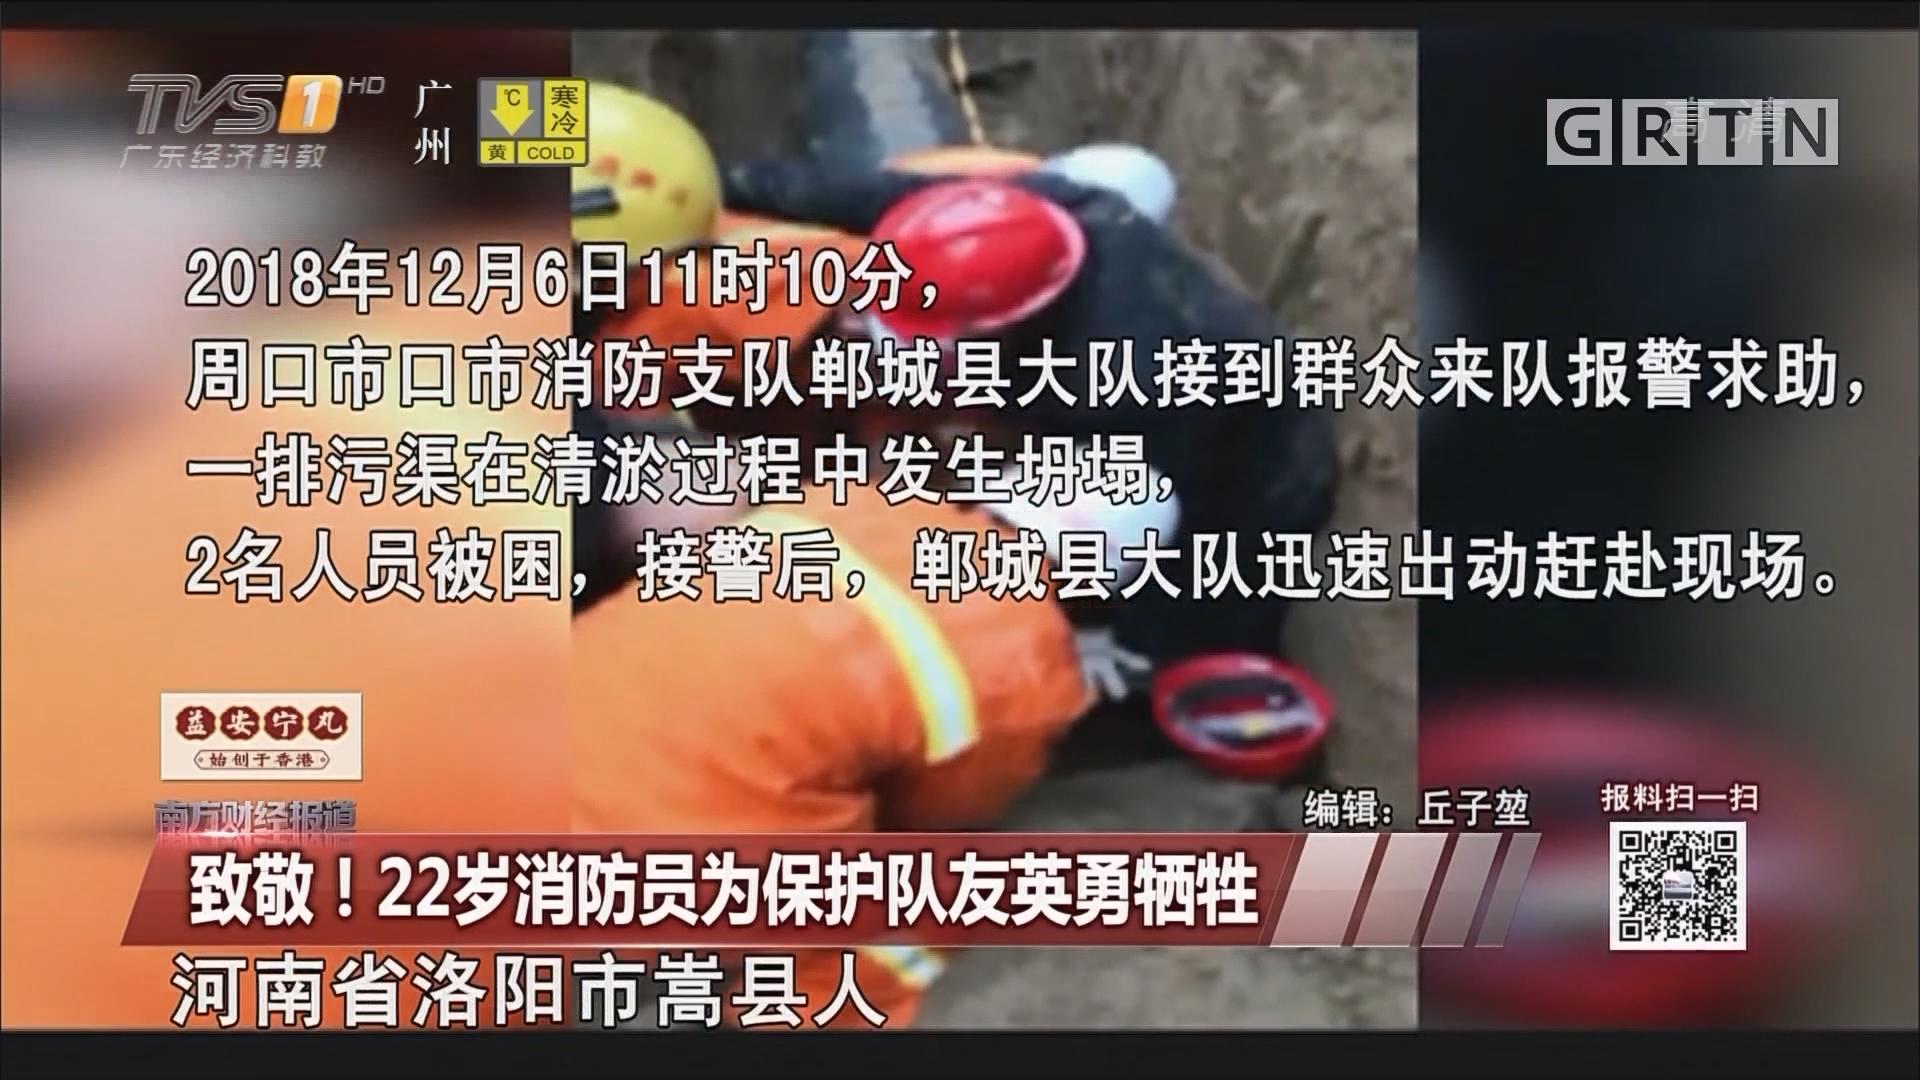 致敬!22岁消防员为保护队友英勇牺牲